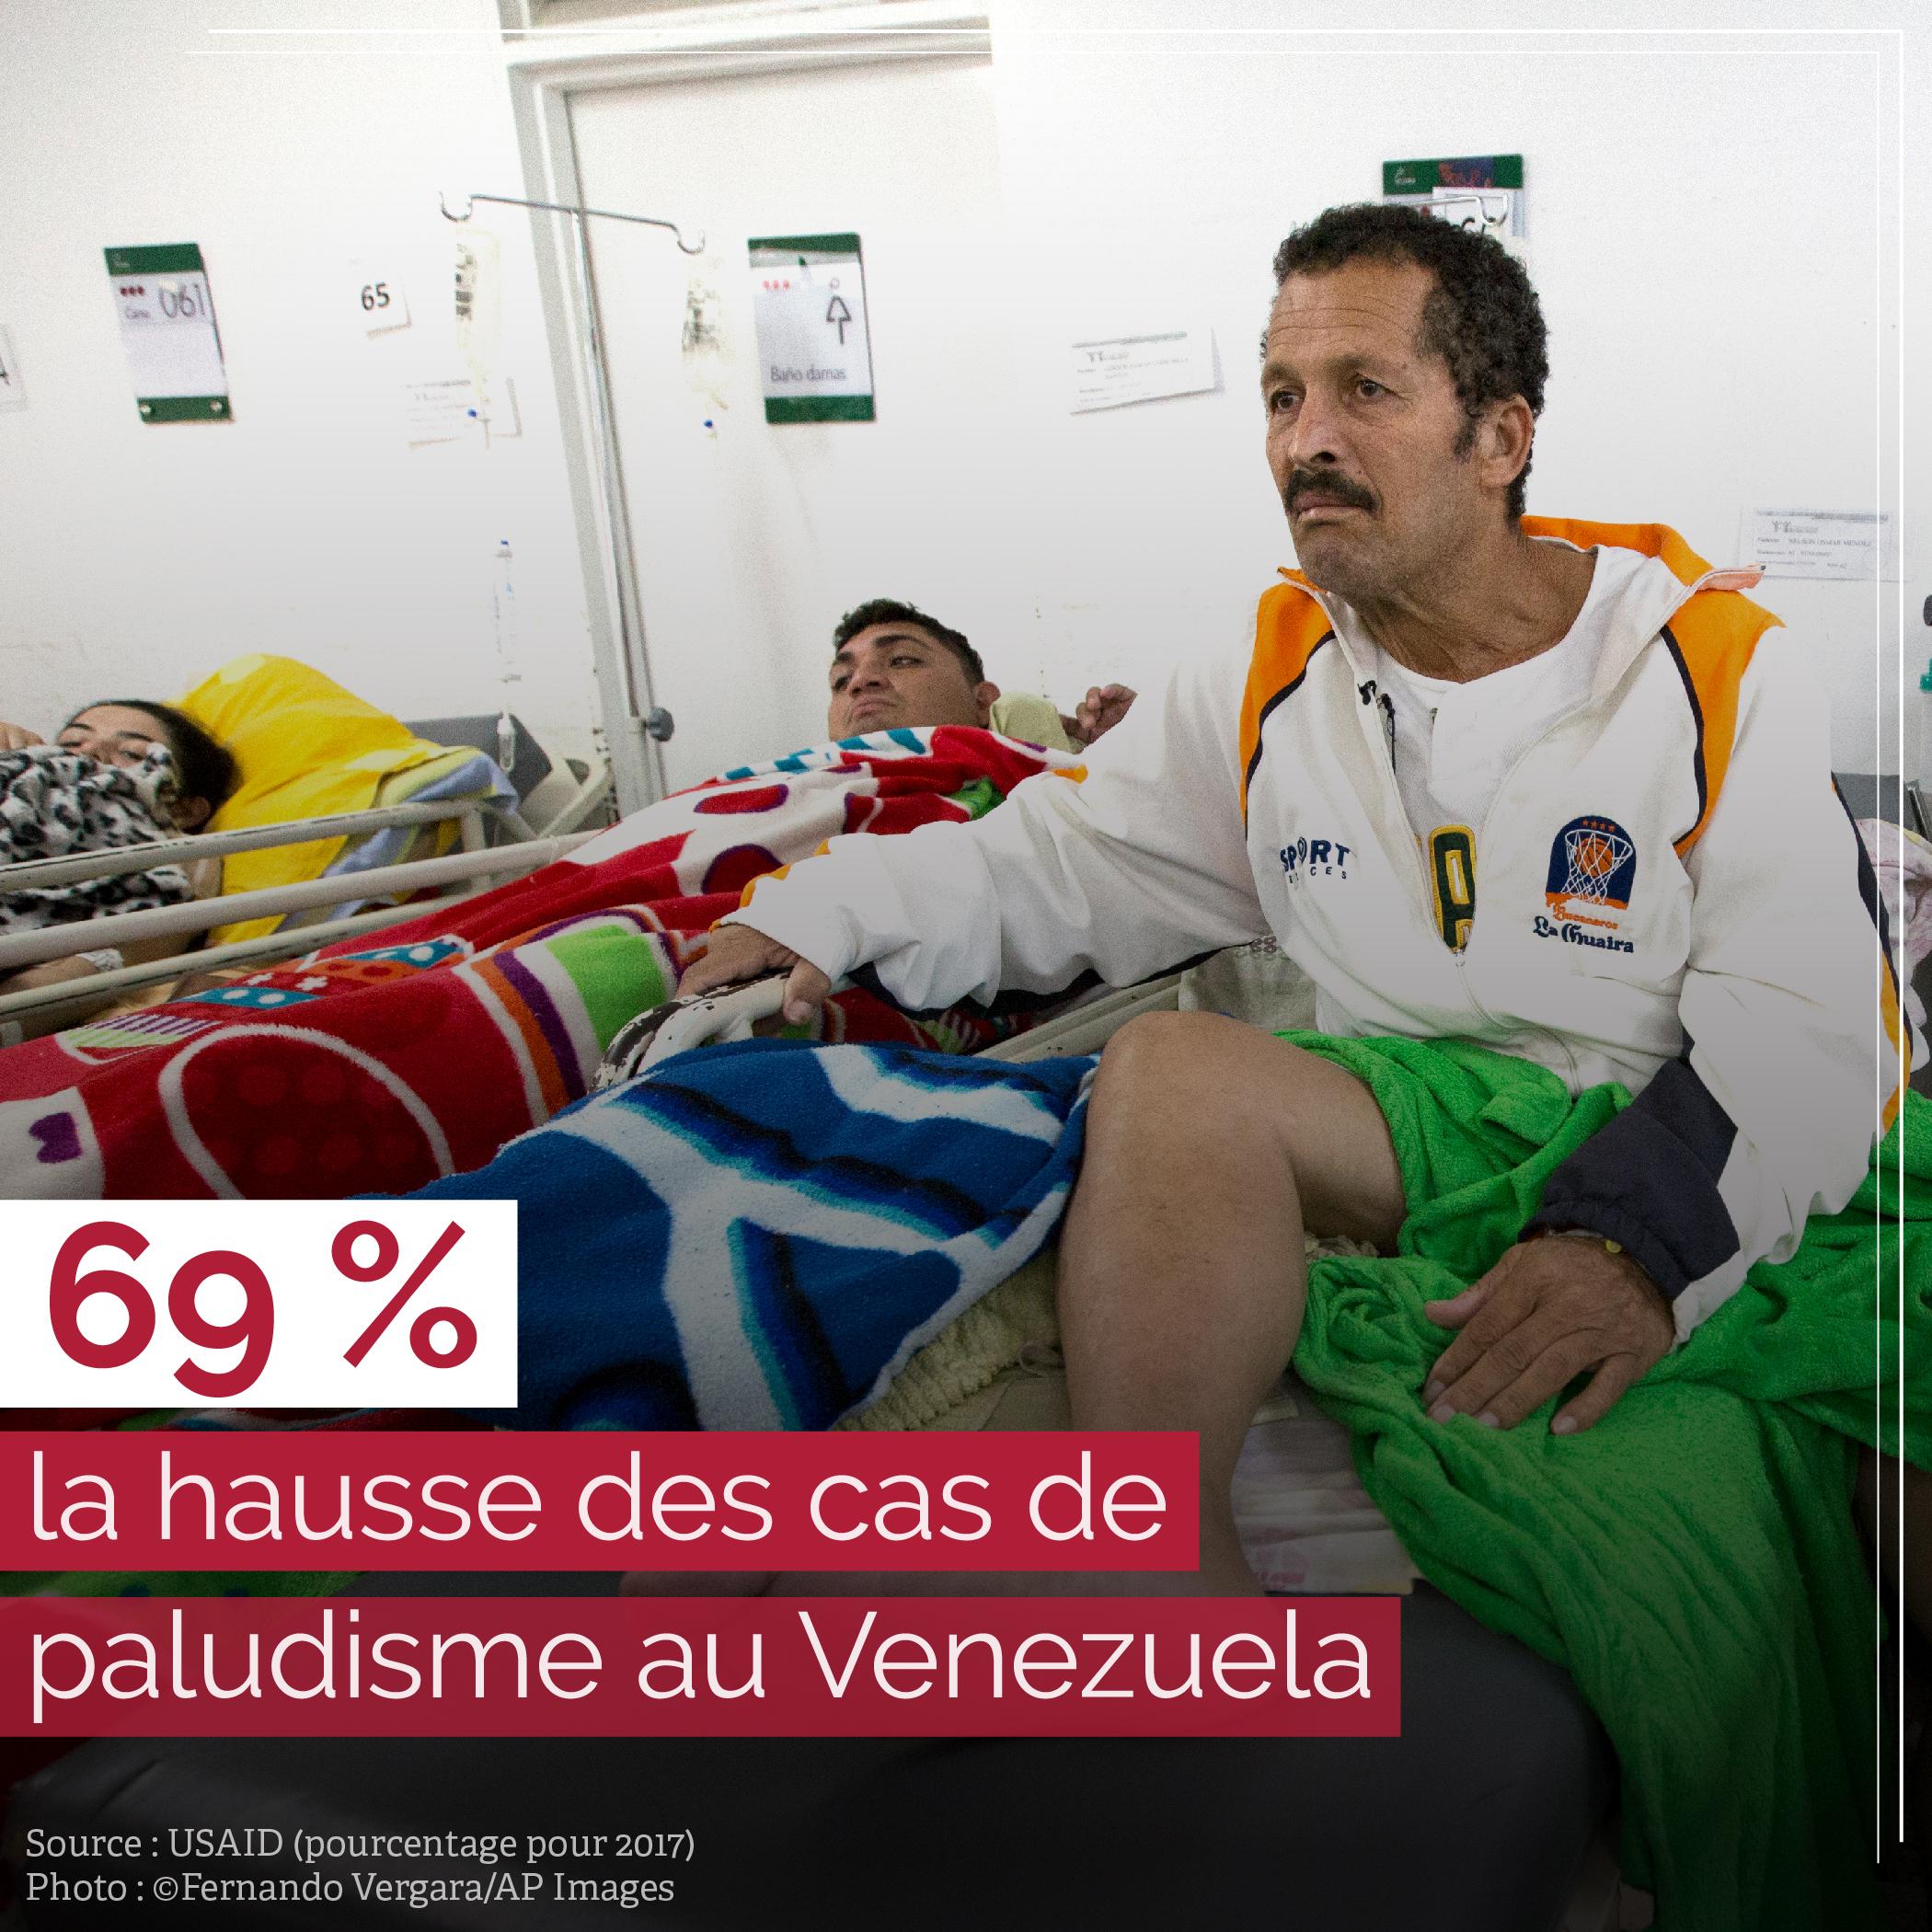 Des gens couchés sur des lits d'hôpital, avec des chiffres sur le paludisme au Venezuela (© Fernando Vergara/AP Images)